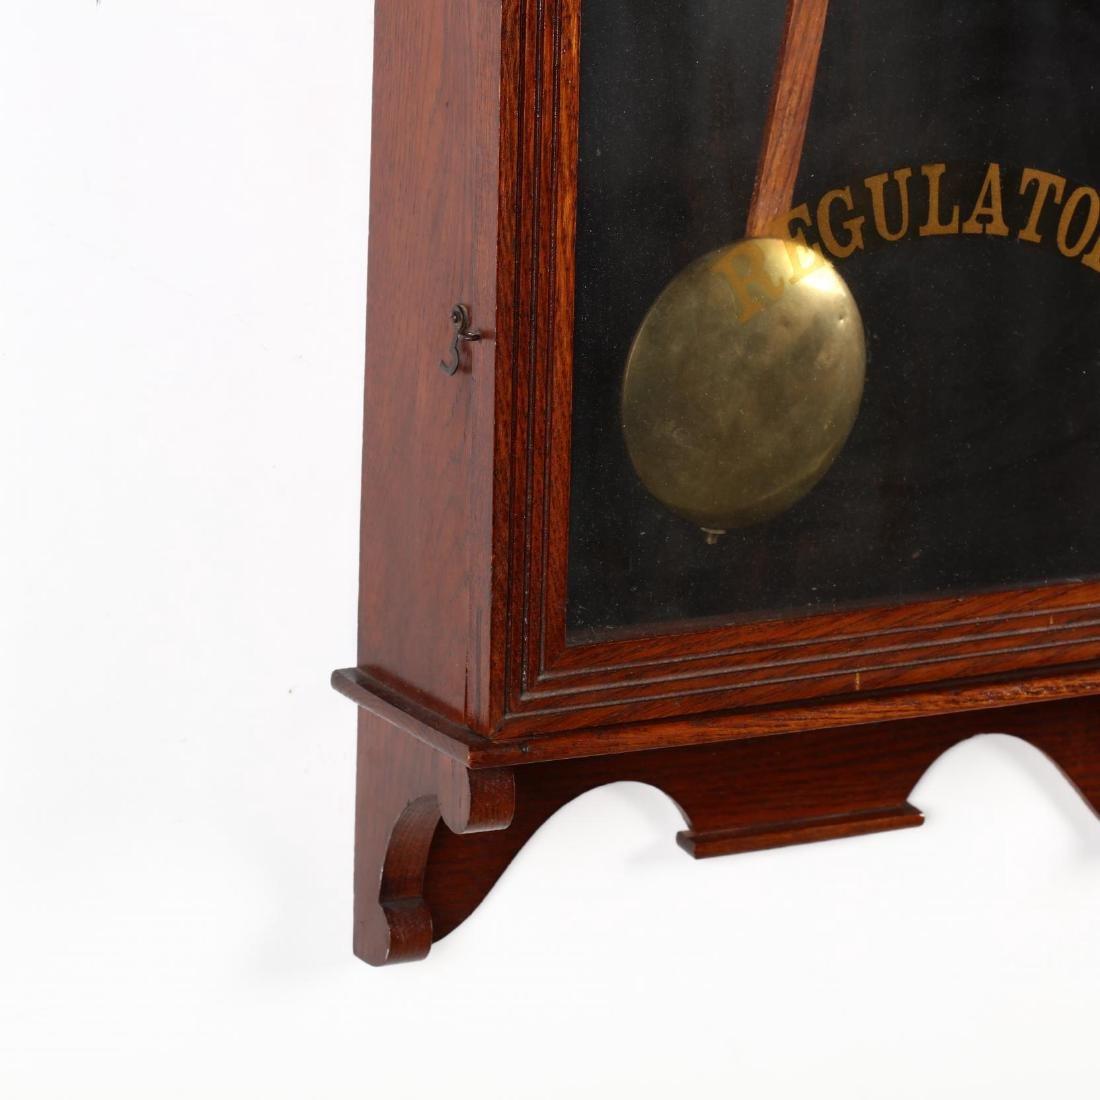 Vintage Regulator Wall Clock - 3